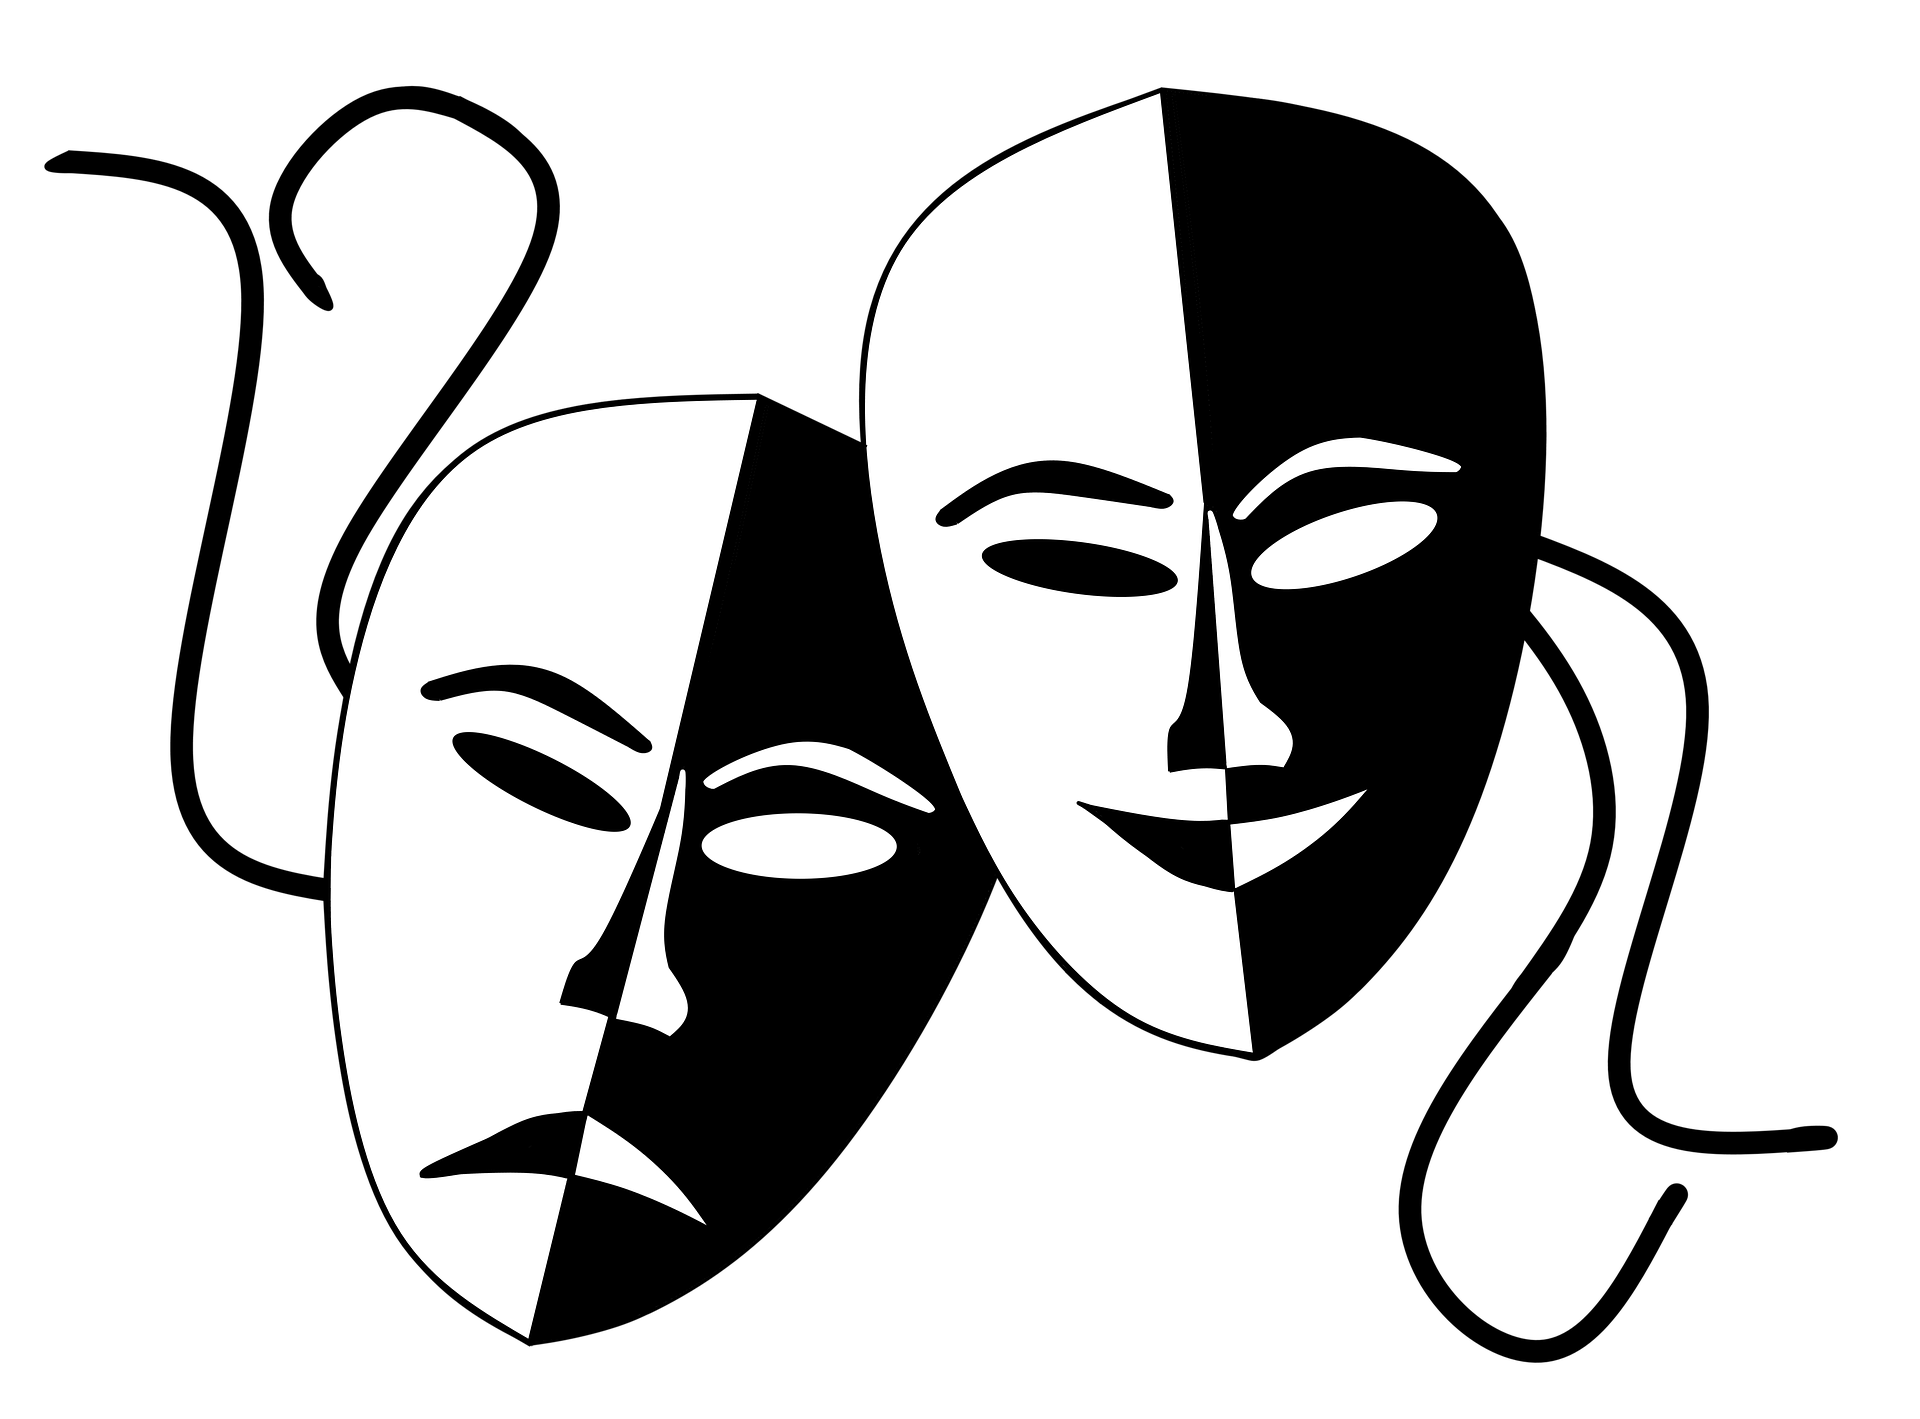 Teatermasker_Pixabay